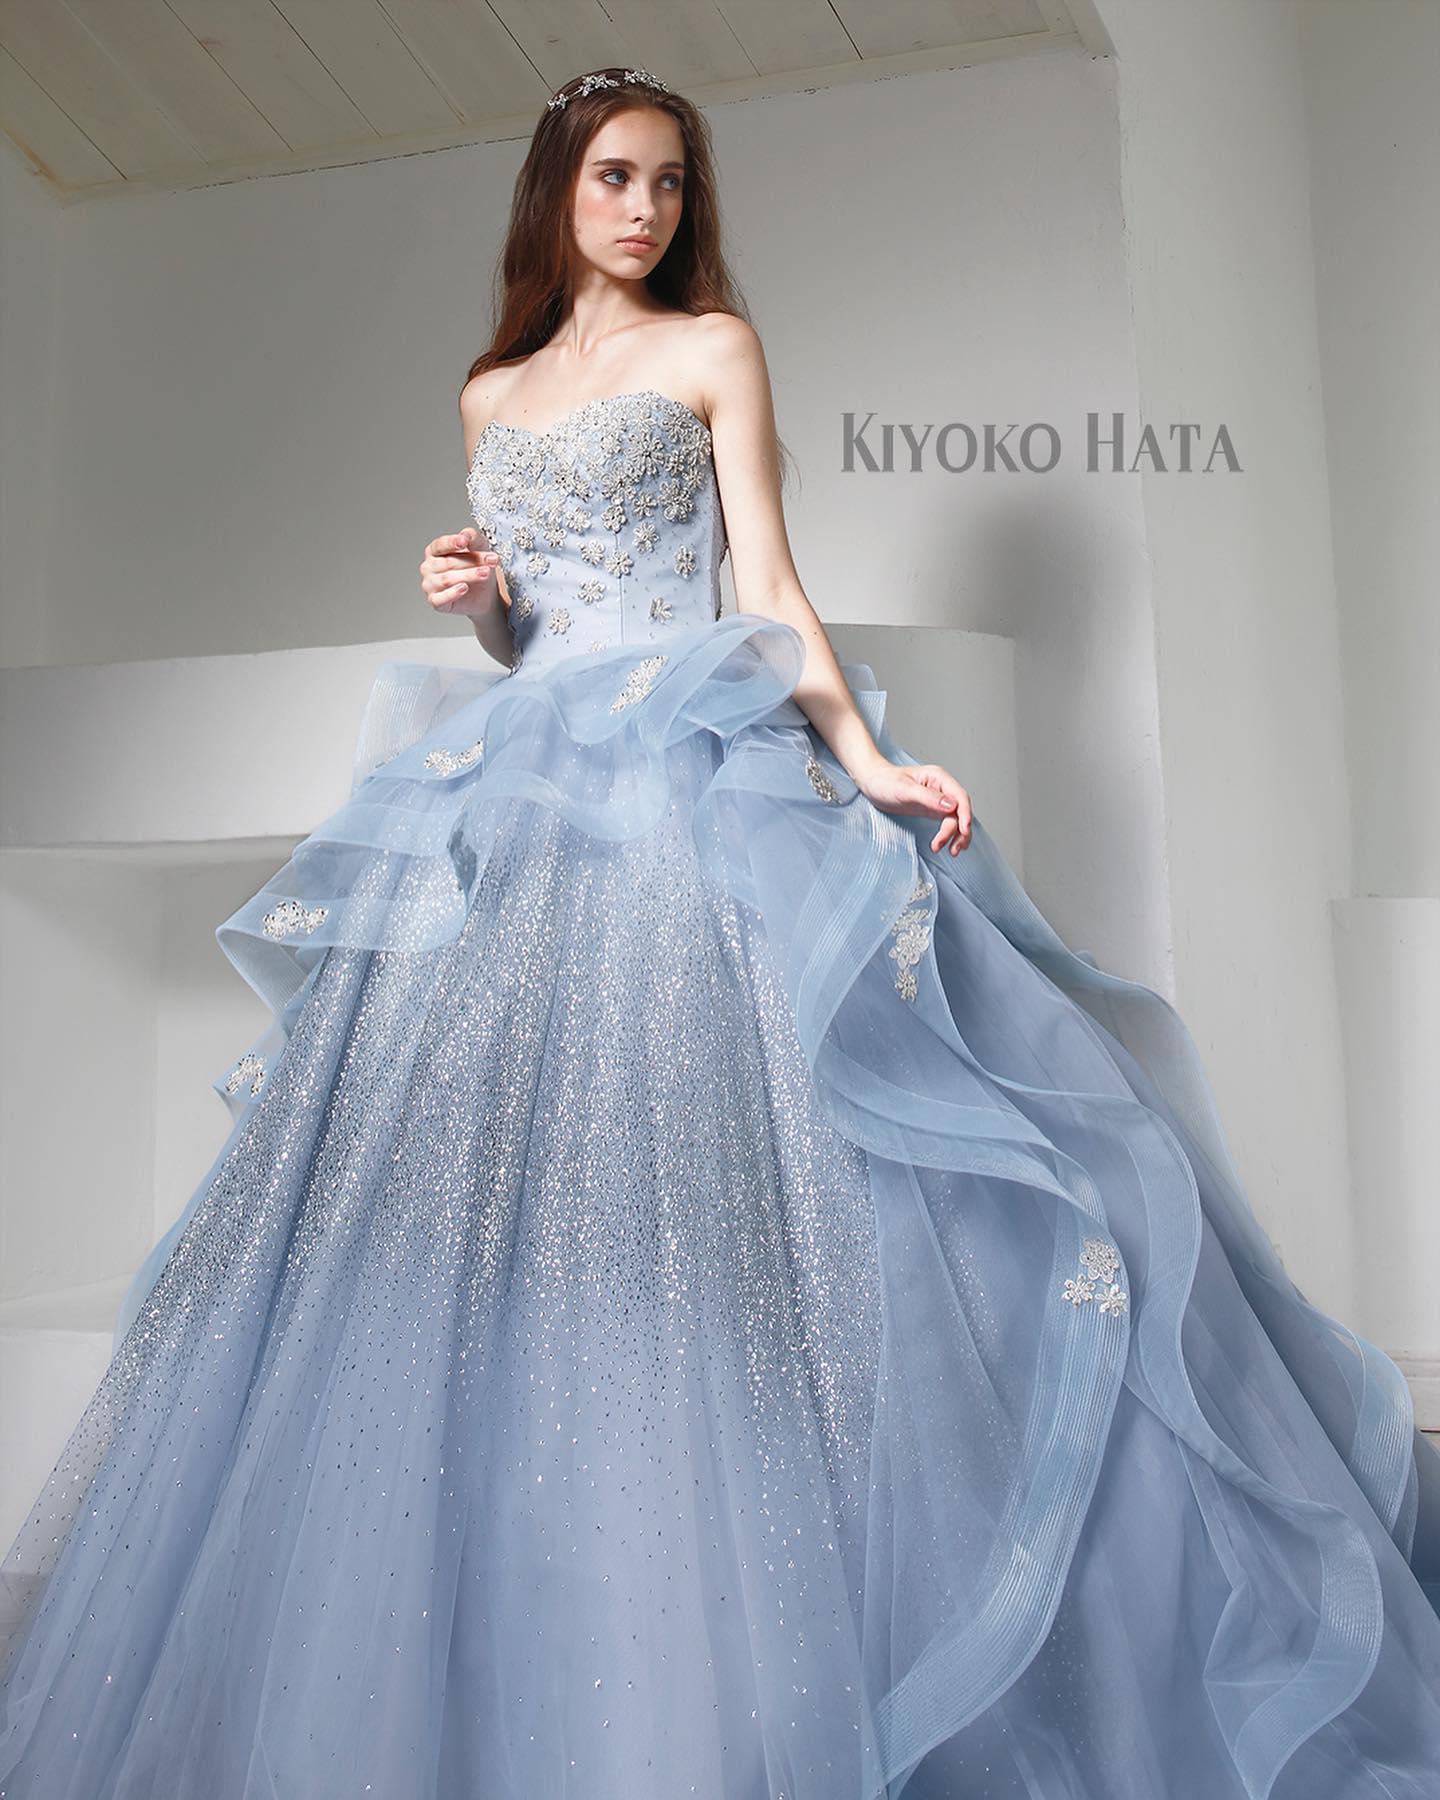 """今日は大人気の""""KIYOKO HATAのカラードレスをご紹介・ブルーグレーにキラキラのグリッターとシルバービジューのお花があしらわれたドレス・ウエスト位置から立体的に広がるデザインがキュート・360℃美しいラインと華やかなボリュームが、見る人の心の印象に残る素敵な一着です・ご試着いかがでしょうか・【KIYOKO HATA】CD0346KH0430・#wedding #weddingdress #bridalhiro #kiyokohata #marry#ウェディングドレス #プレ花嫁 #ドレス試着 #2021冬婚 #ヘアメイク #結婚式  #ドレス選び #前撮り #後撮り #フォトウェディング #ウェディングヘア  #フォト婚 #前撮り写真 #ブライダルフォト #カップルフォト #ウェディングドレス探し #ウェディングドレス試着 #レンタルドレス #ドレスショップ #家族婚 #ブライダルヒロ #ゼクシィ #プリンセスライン #ドレス迷子"""